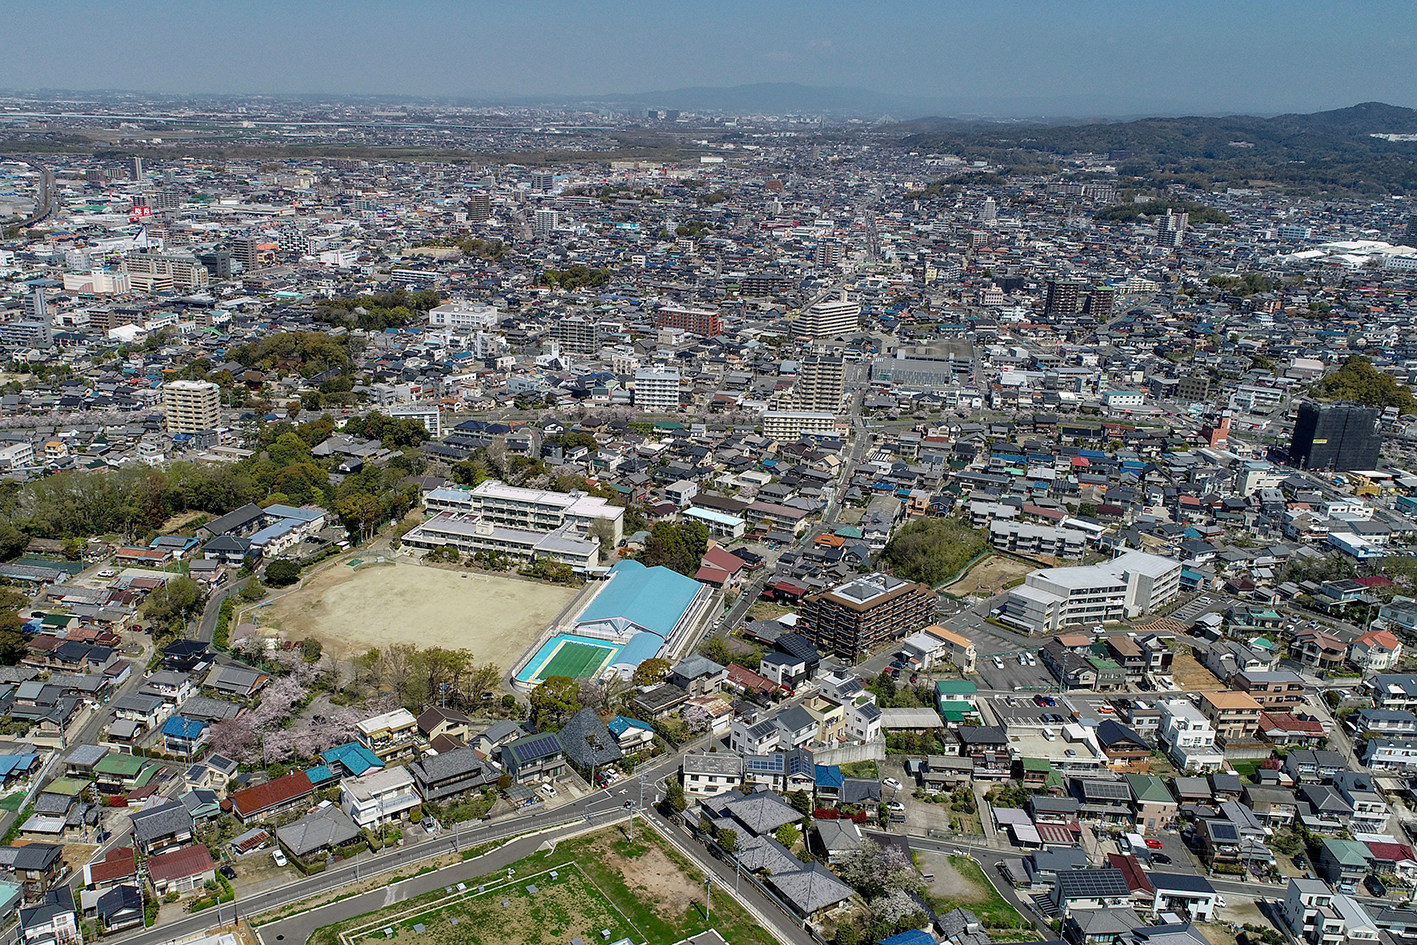 岡崎市全景.jpg